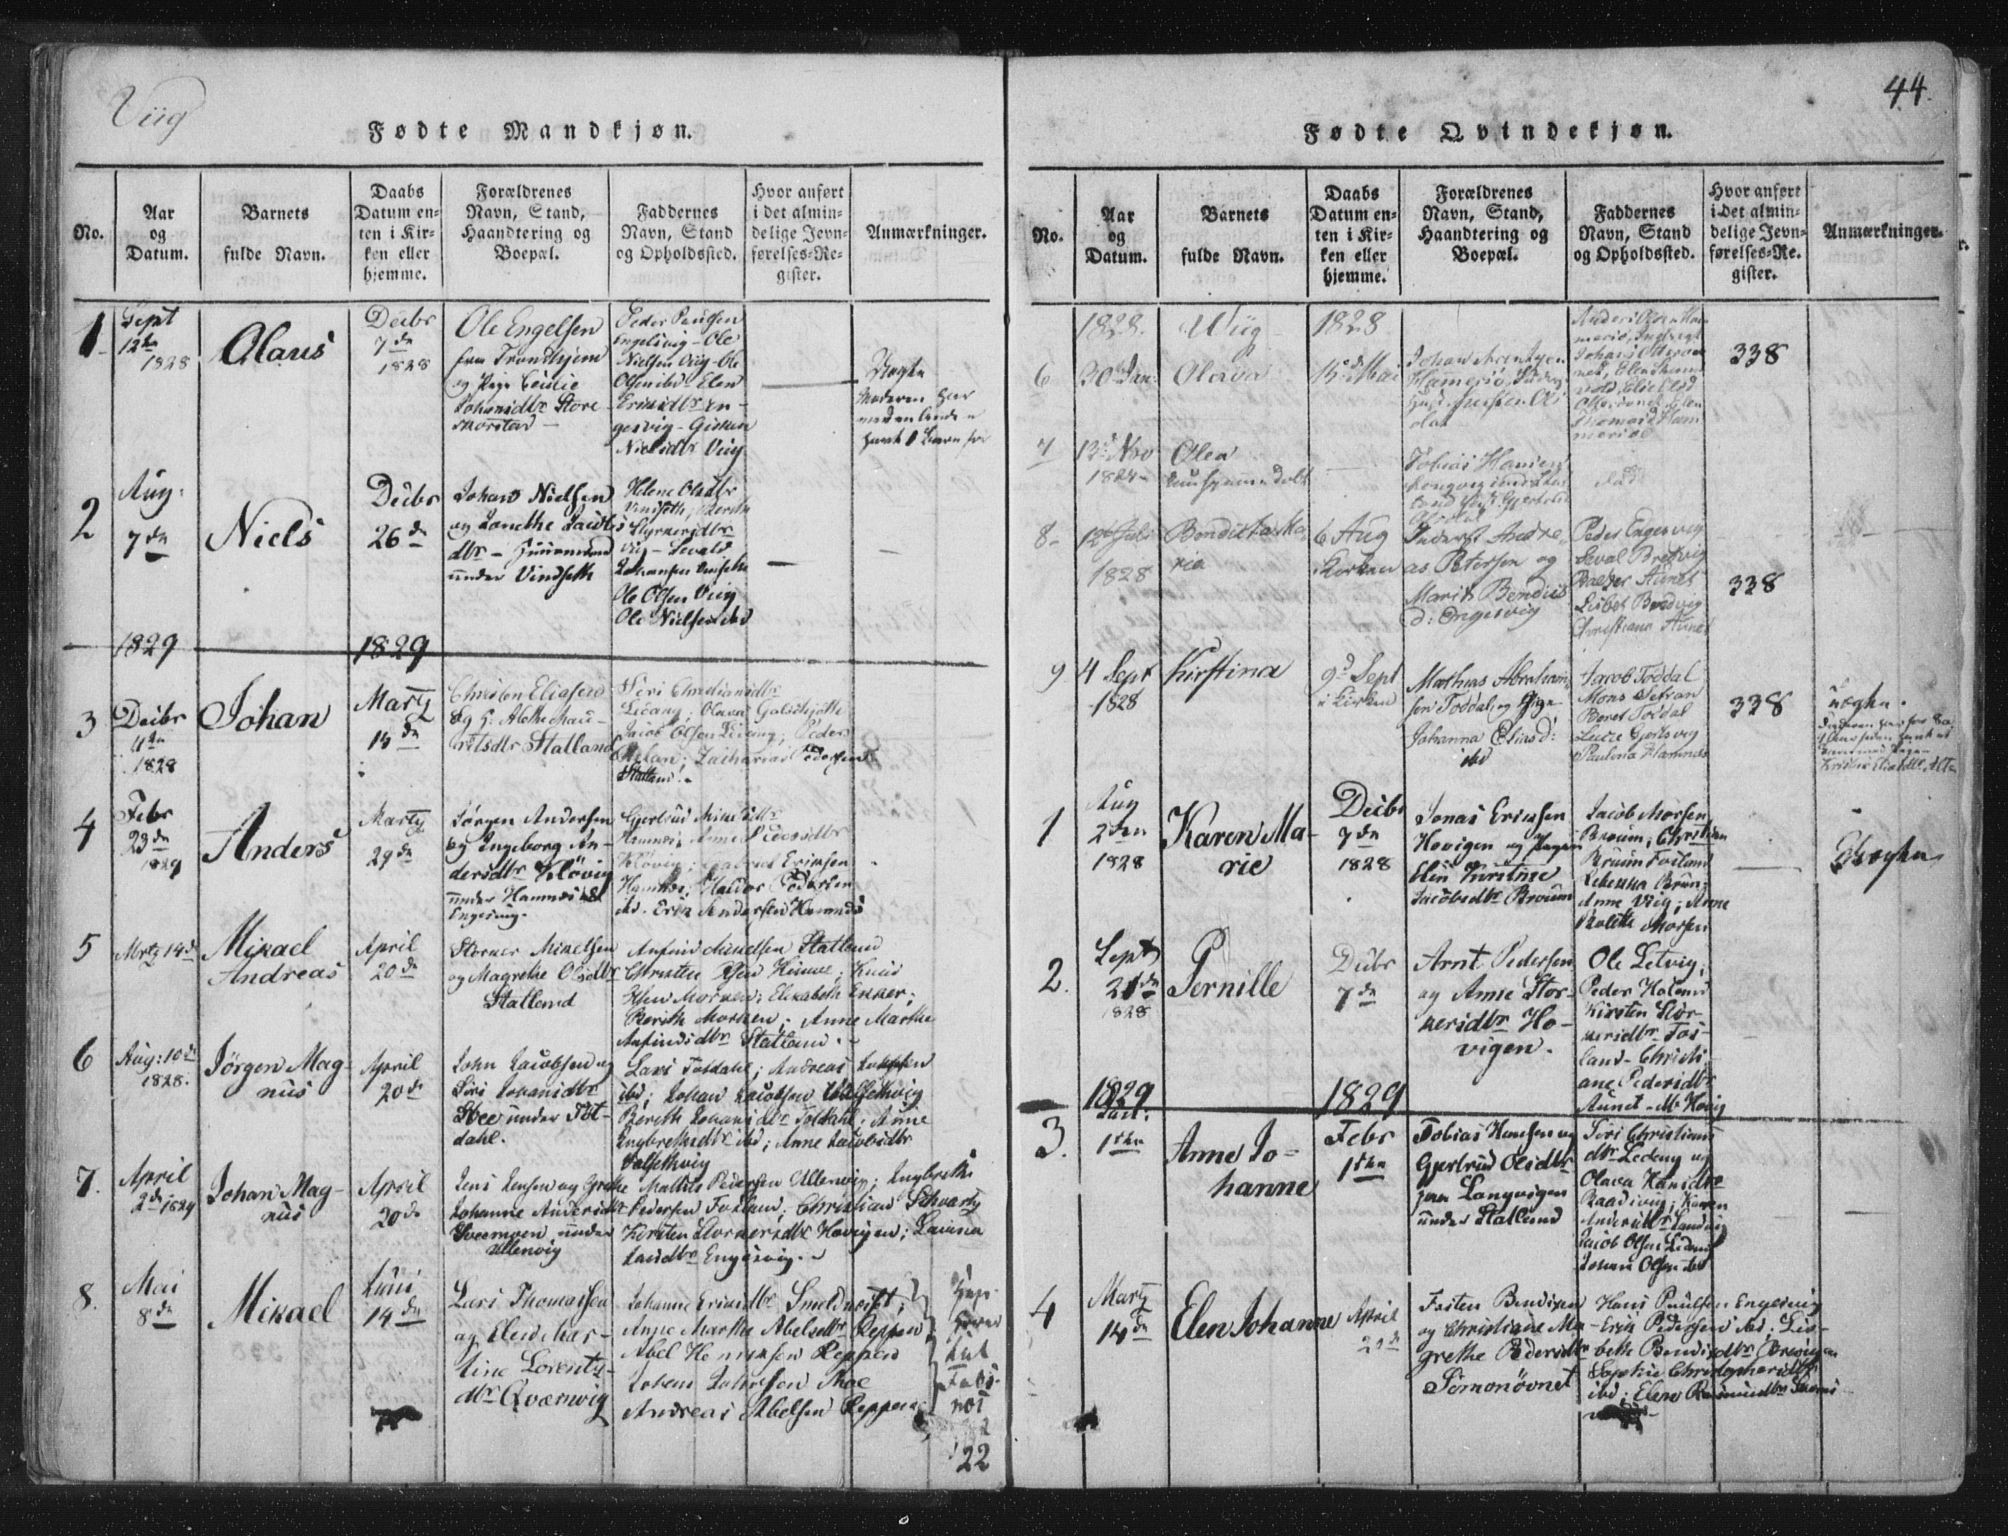 SAT, Ministerialprotokoller, klokkerbøker og fødselsregistre - Nord-Trøndelag, 773/L0609: Ministerialbok nr. 773A03 /2, 1815-1830, s. 44